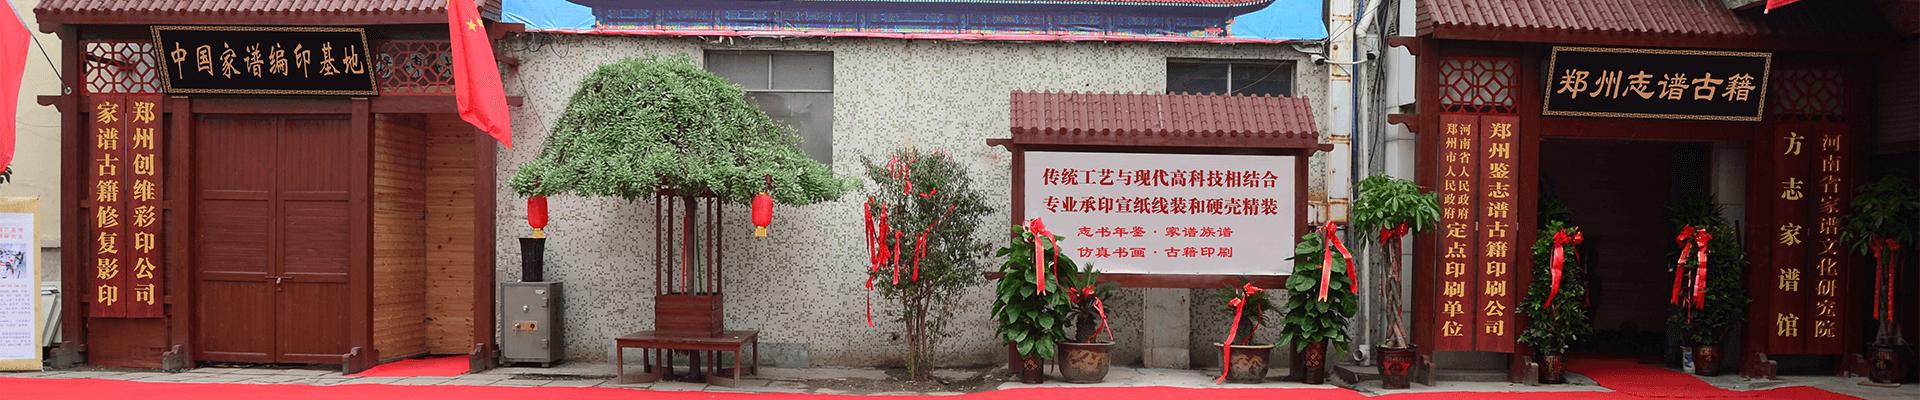 中国古籍印刷基地